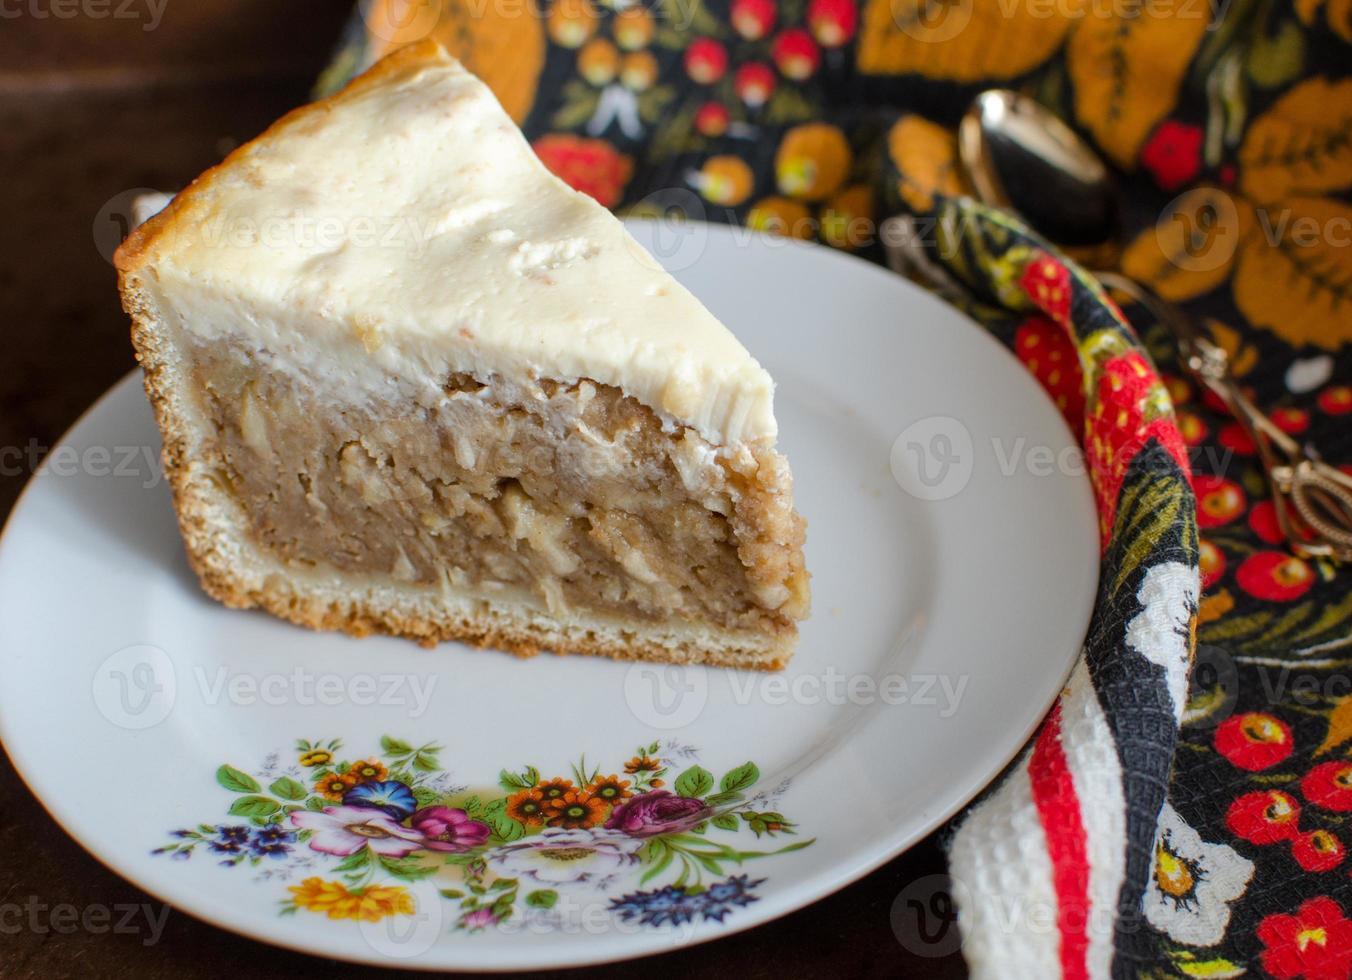 pastel relleno de manzanas y galletas con relleno de crema foto